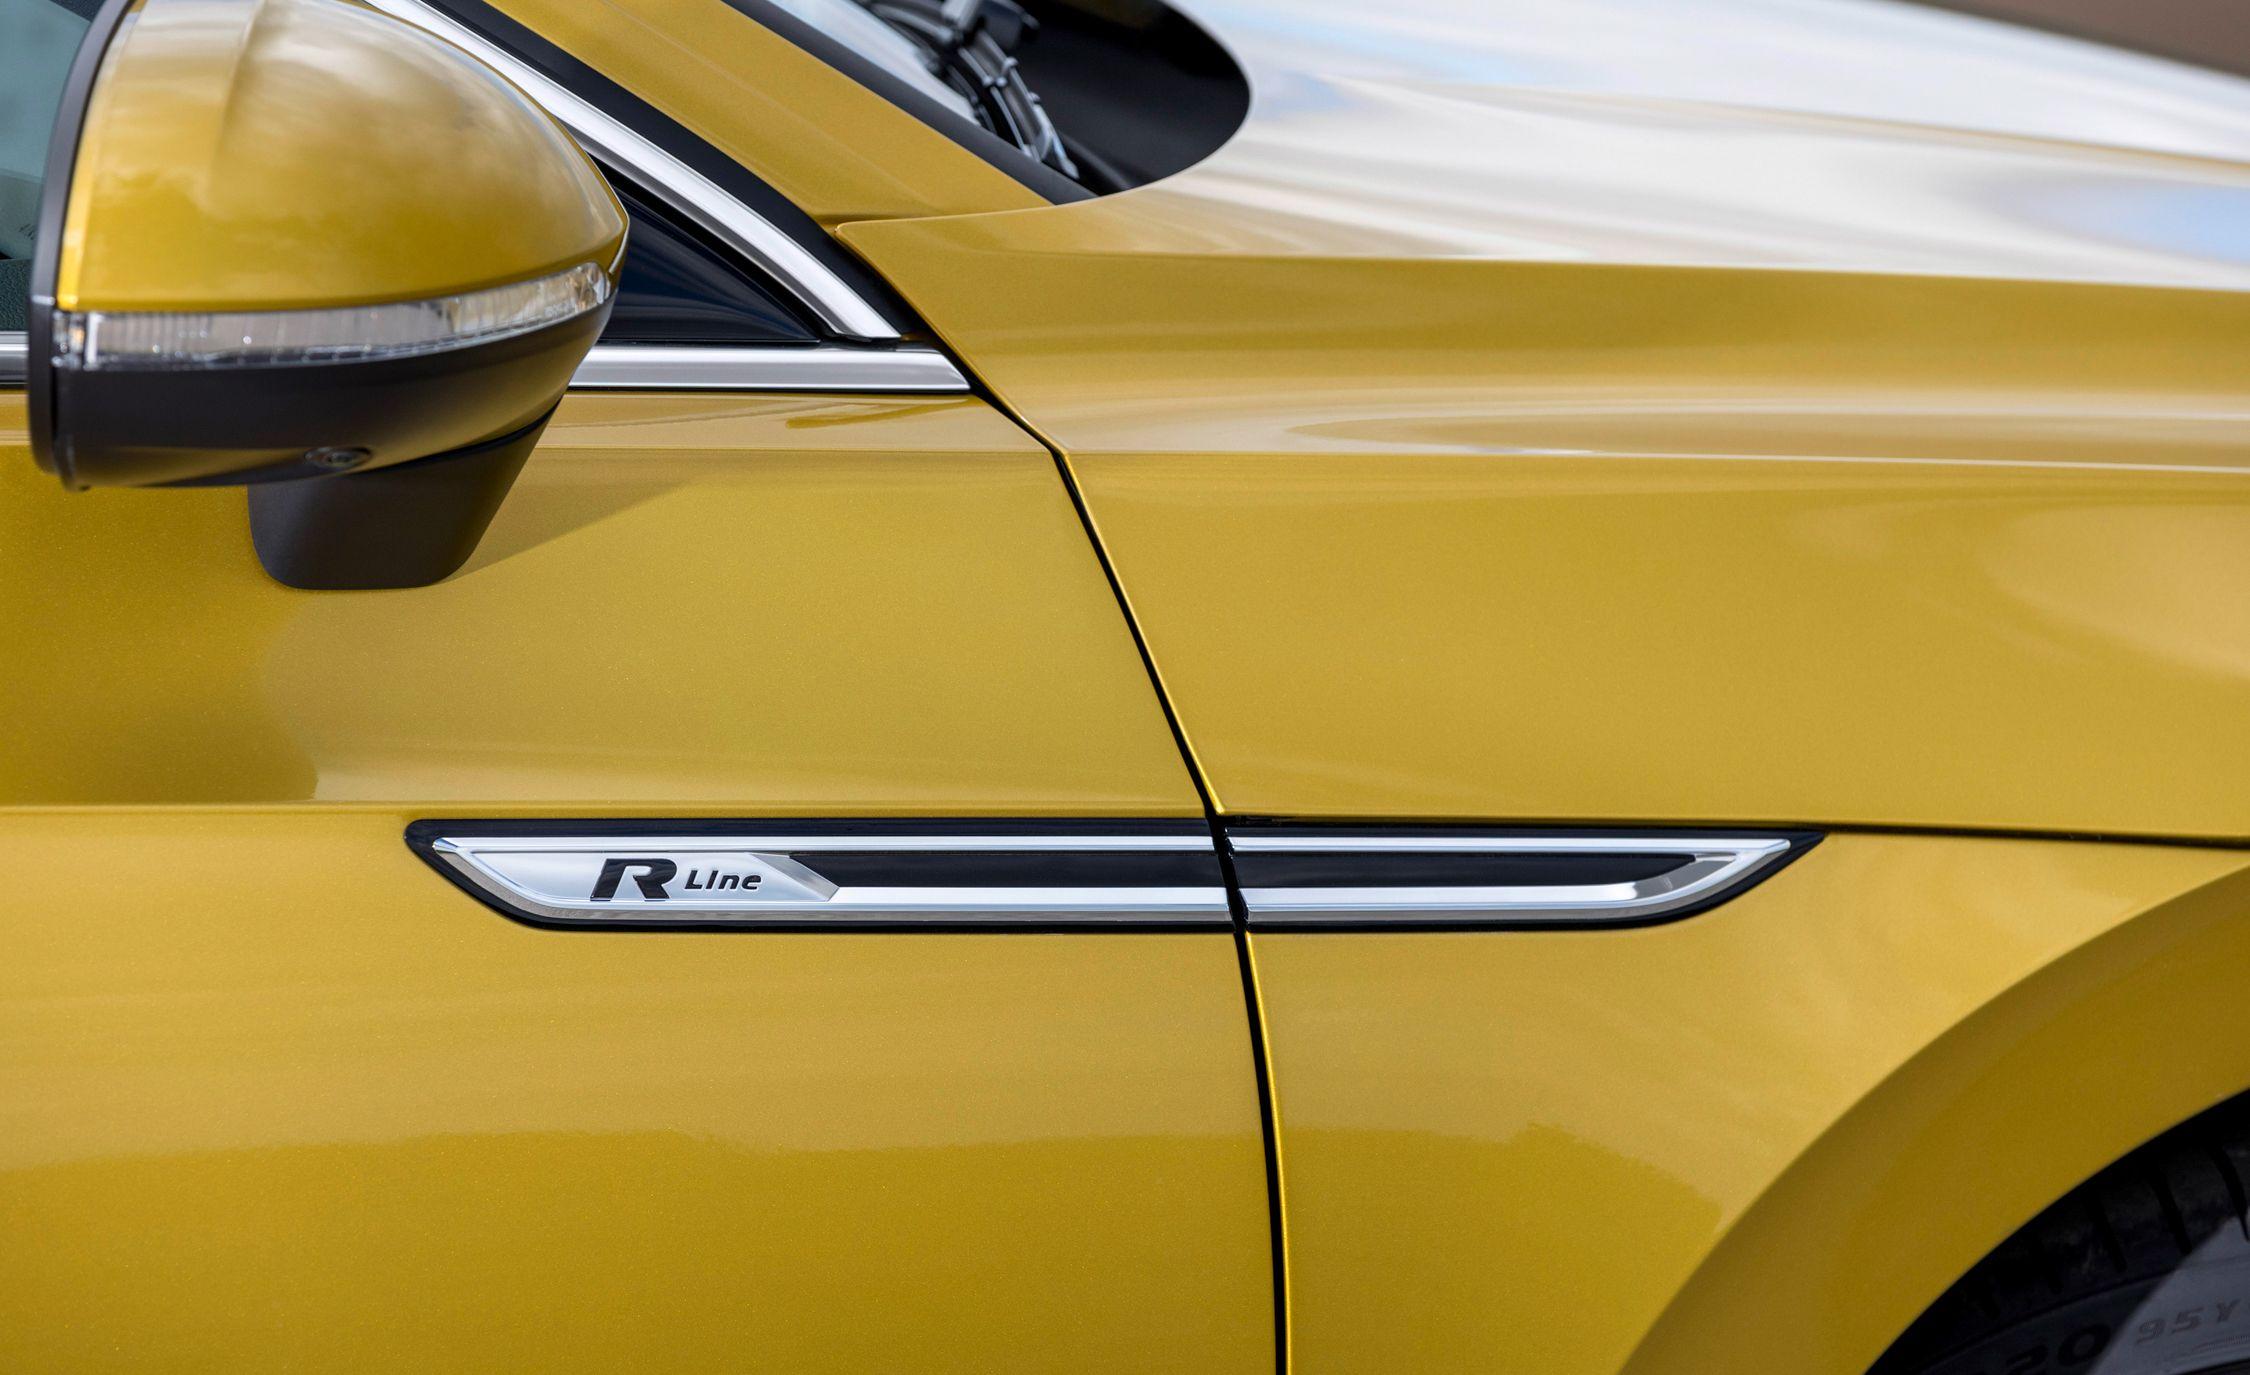 Volkswagen Arteon Reviews | Volkswagen Arteon Price, Photos, And Specs |  Car And Driver